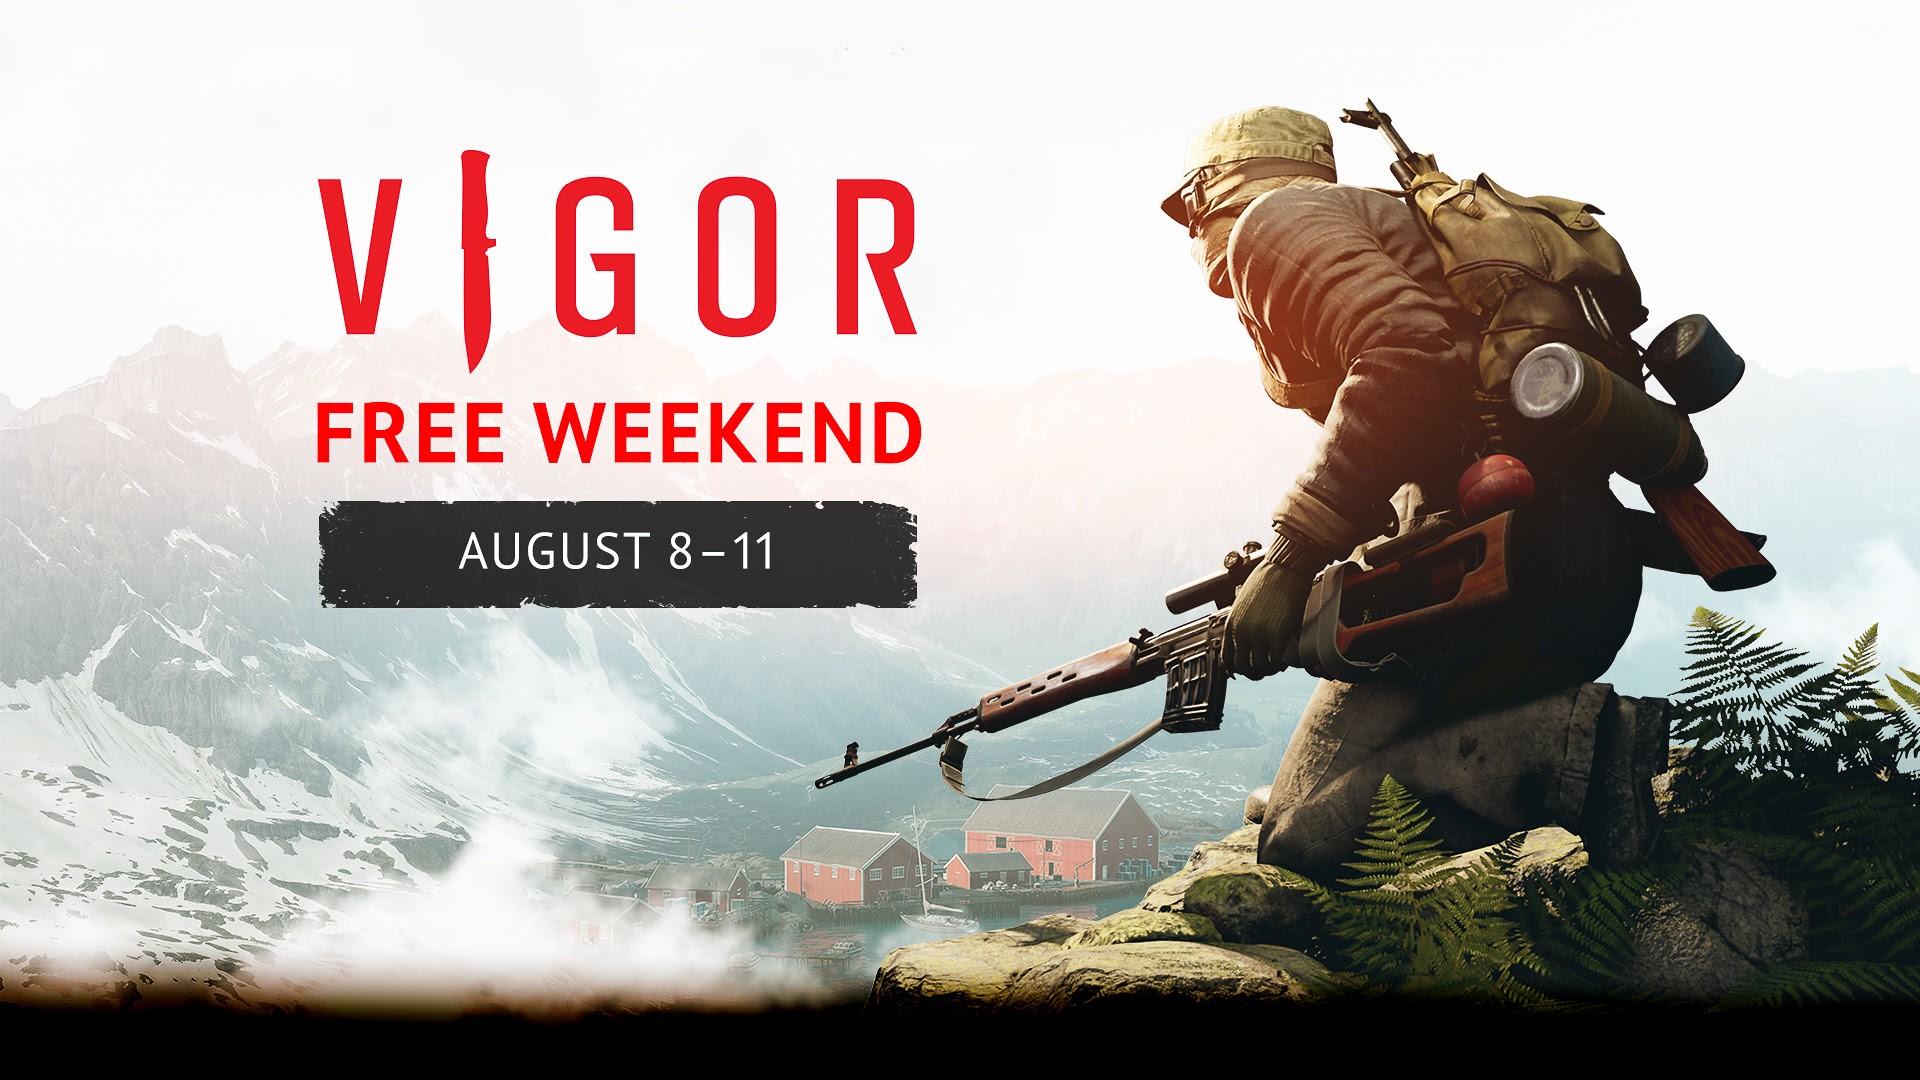 В Vigor пройдут бесплатные выходные